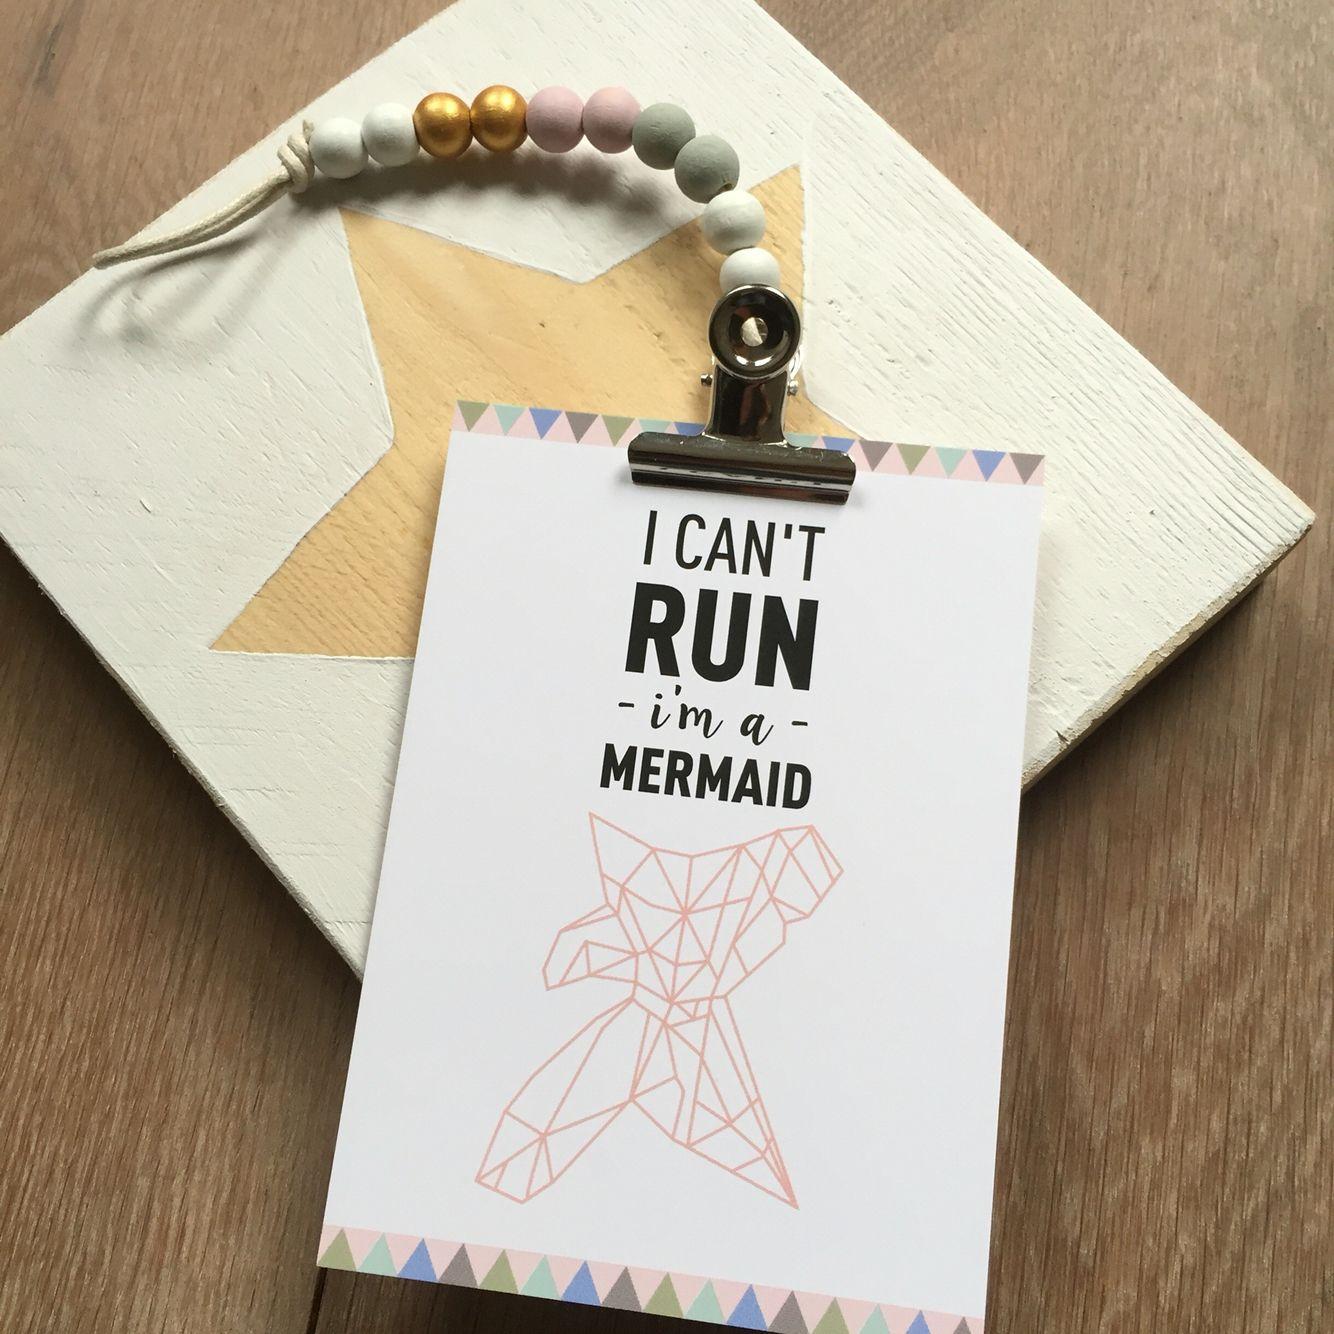 Ansichtkaart A6 Mermaid #kaart #ansichtkaart #mermaid www ...